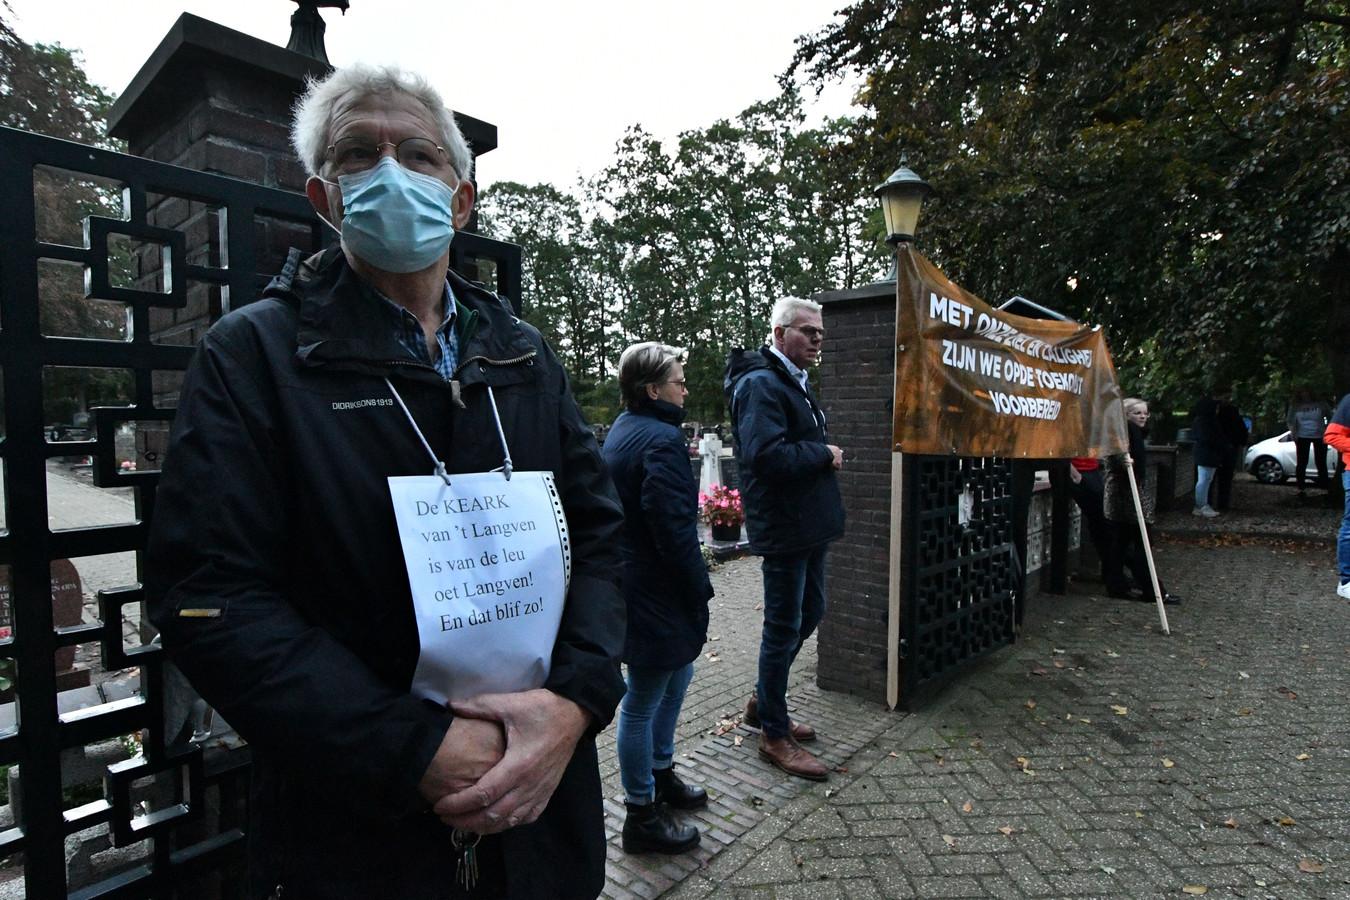 Een respectvol en 'coronaproof' protest maandagavond in Langeveen.